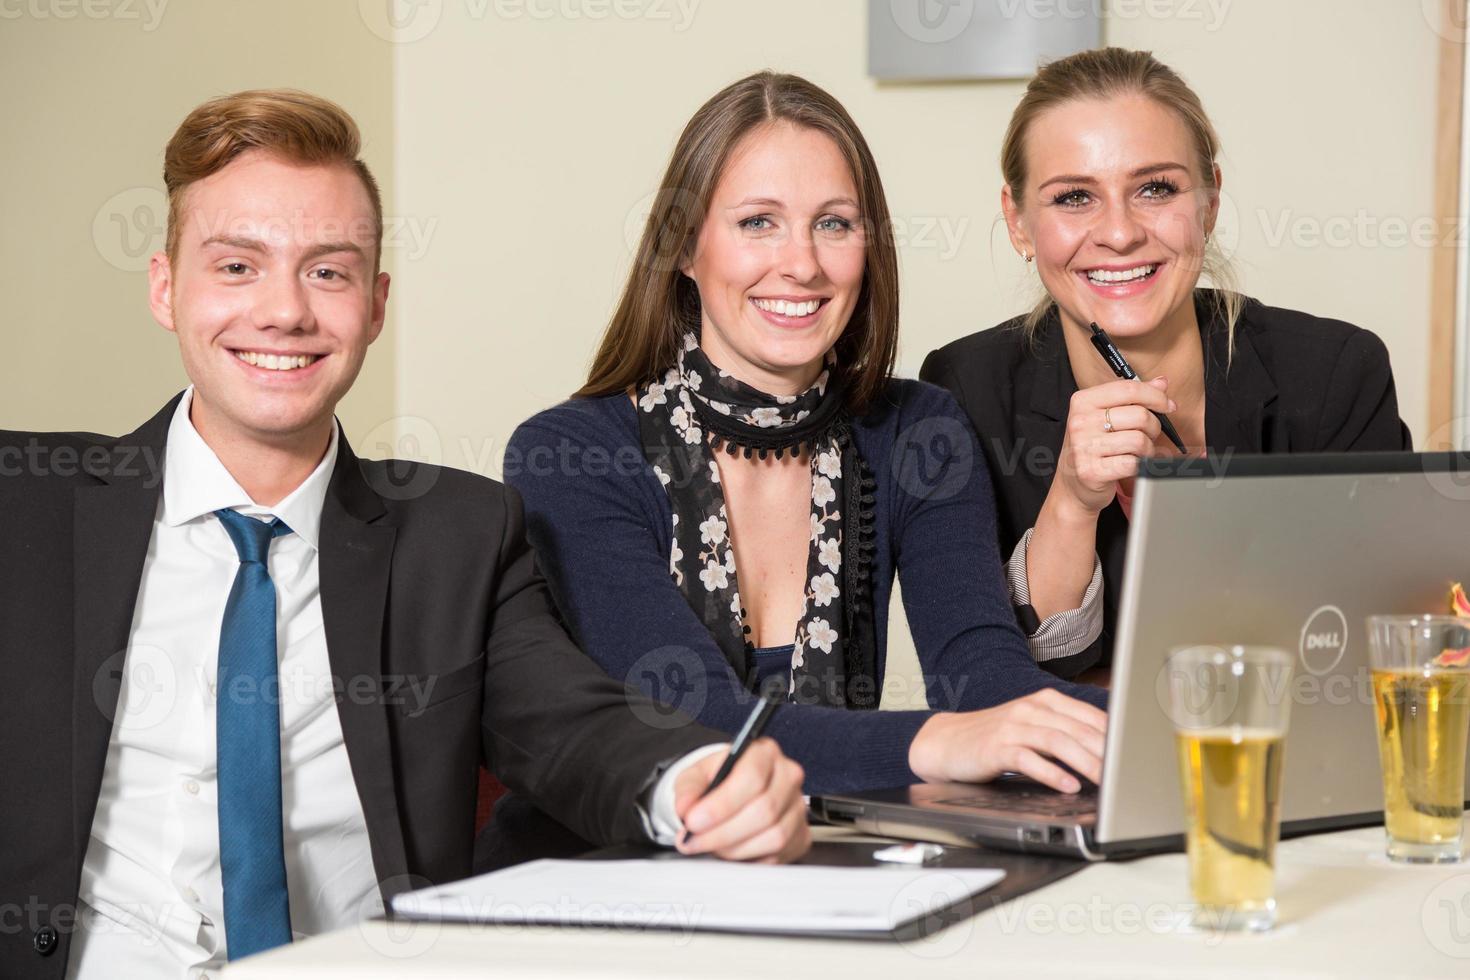 deltagare på kongressen eller föreläsningar som lyssnar på en presentation foto